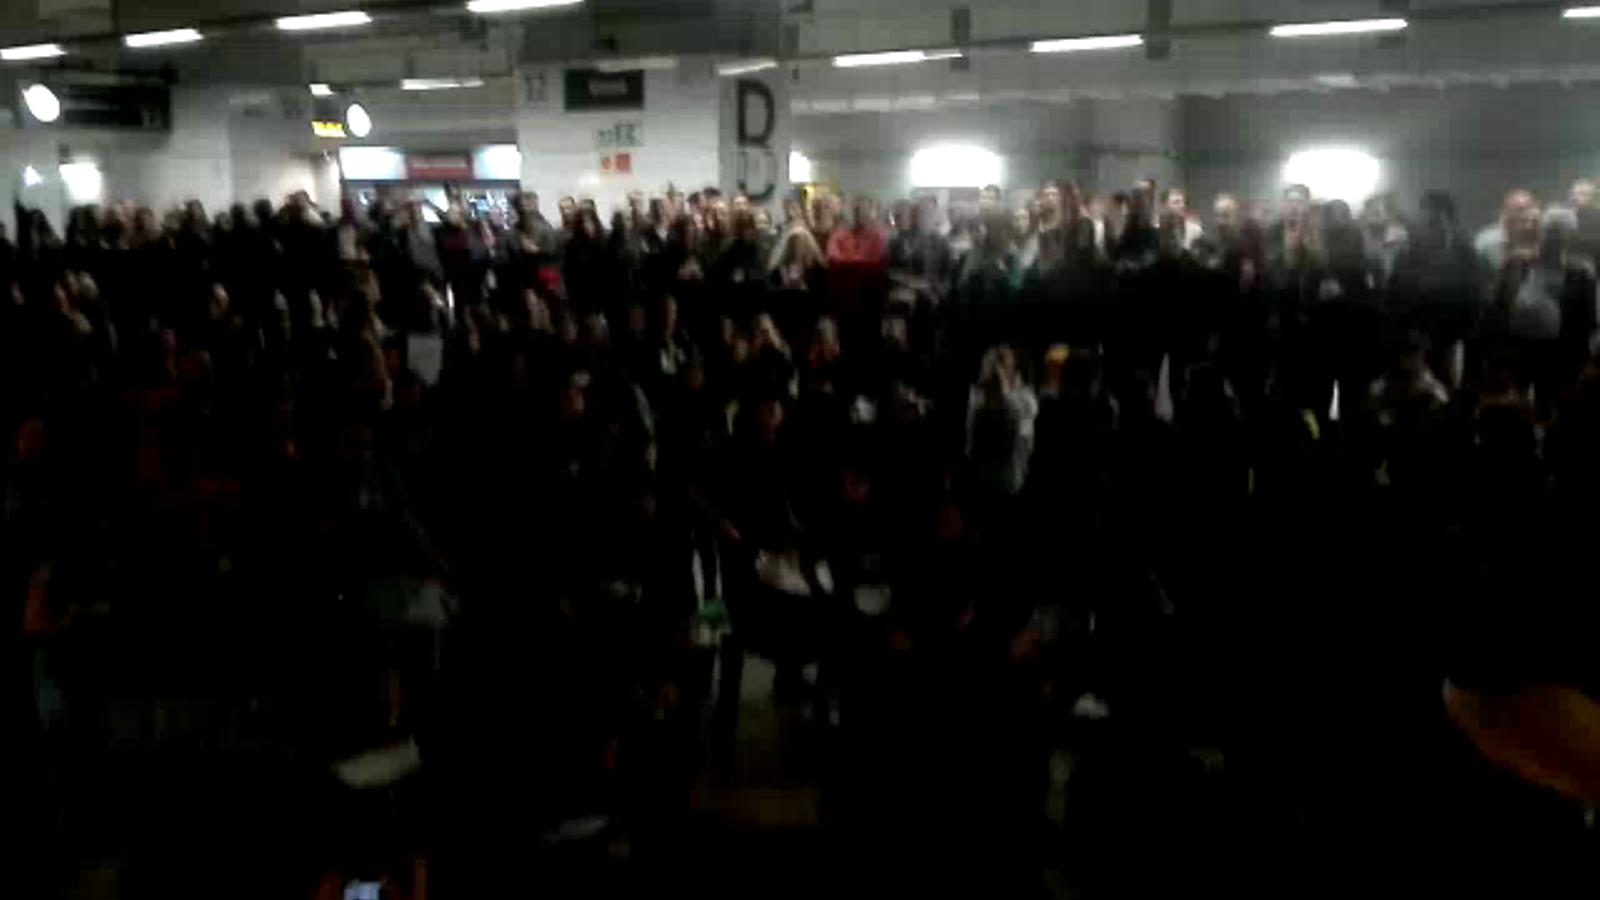 Batucada a l'estació d'alta velocitat de Girona